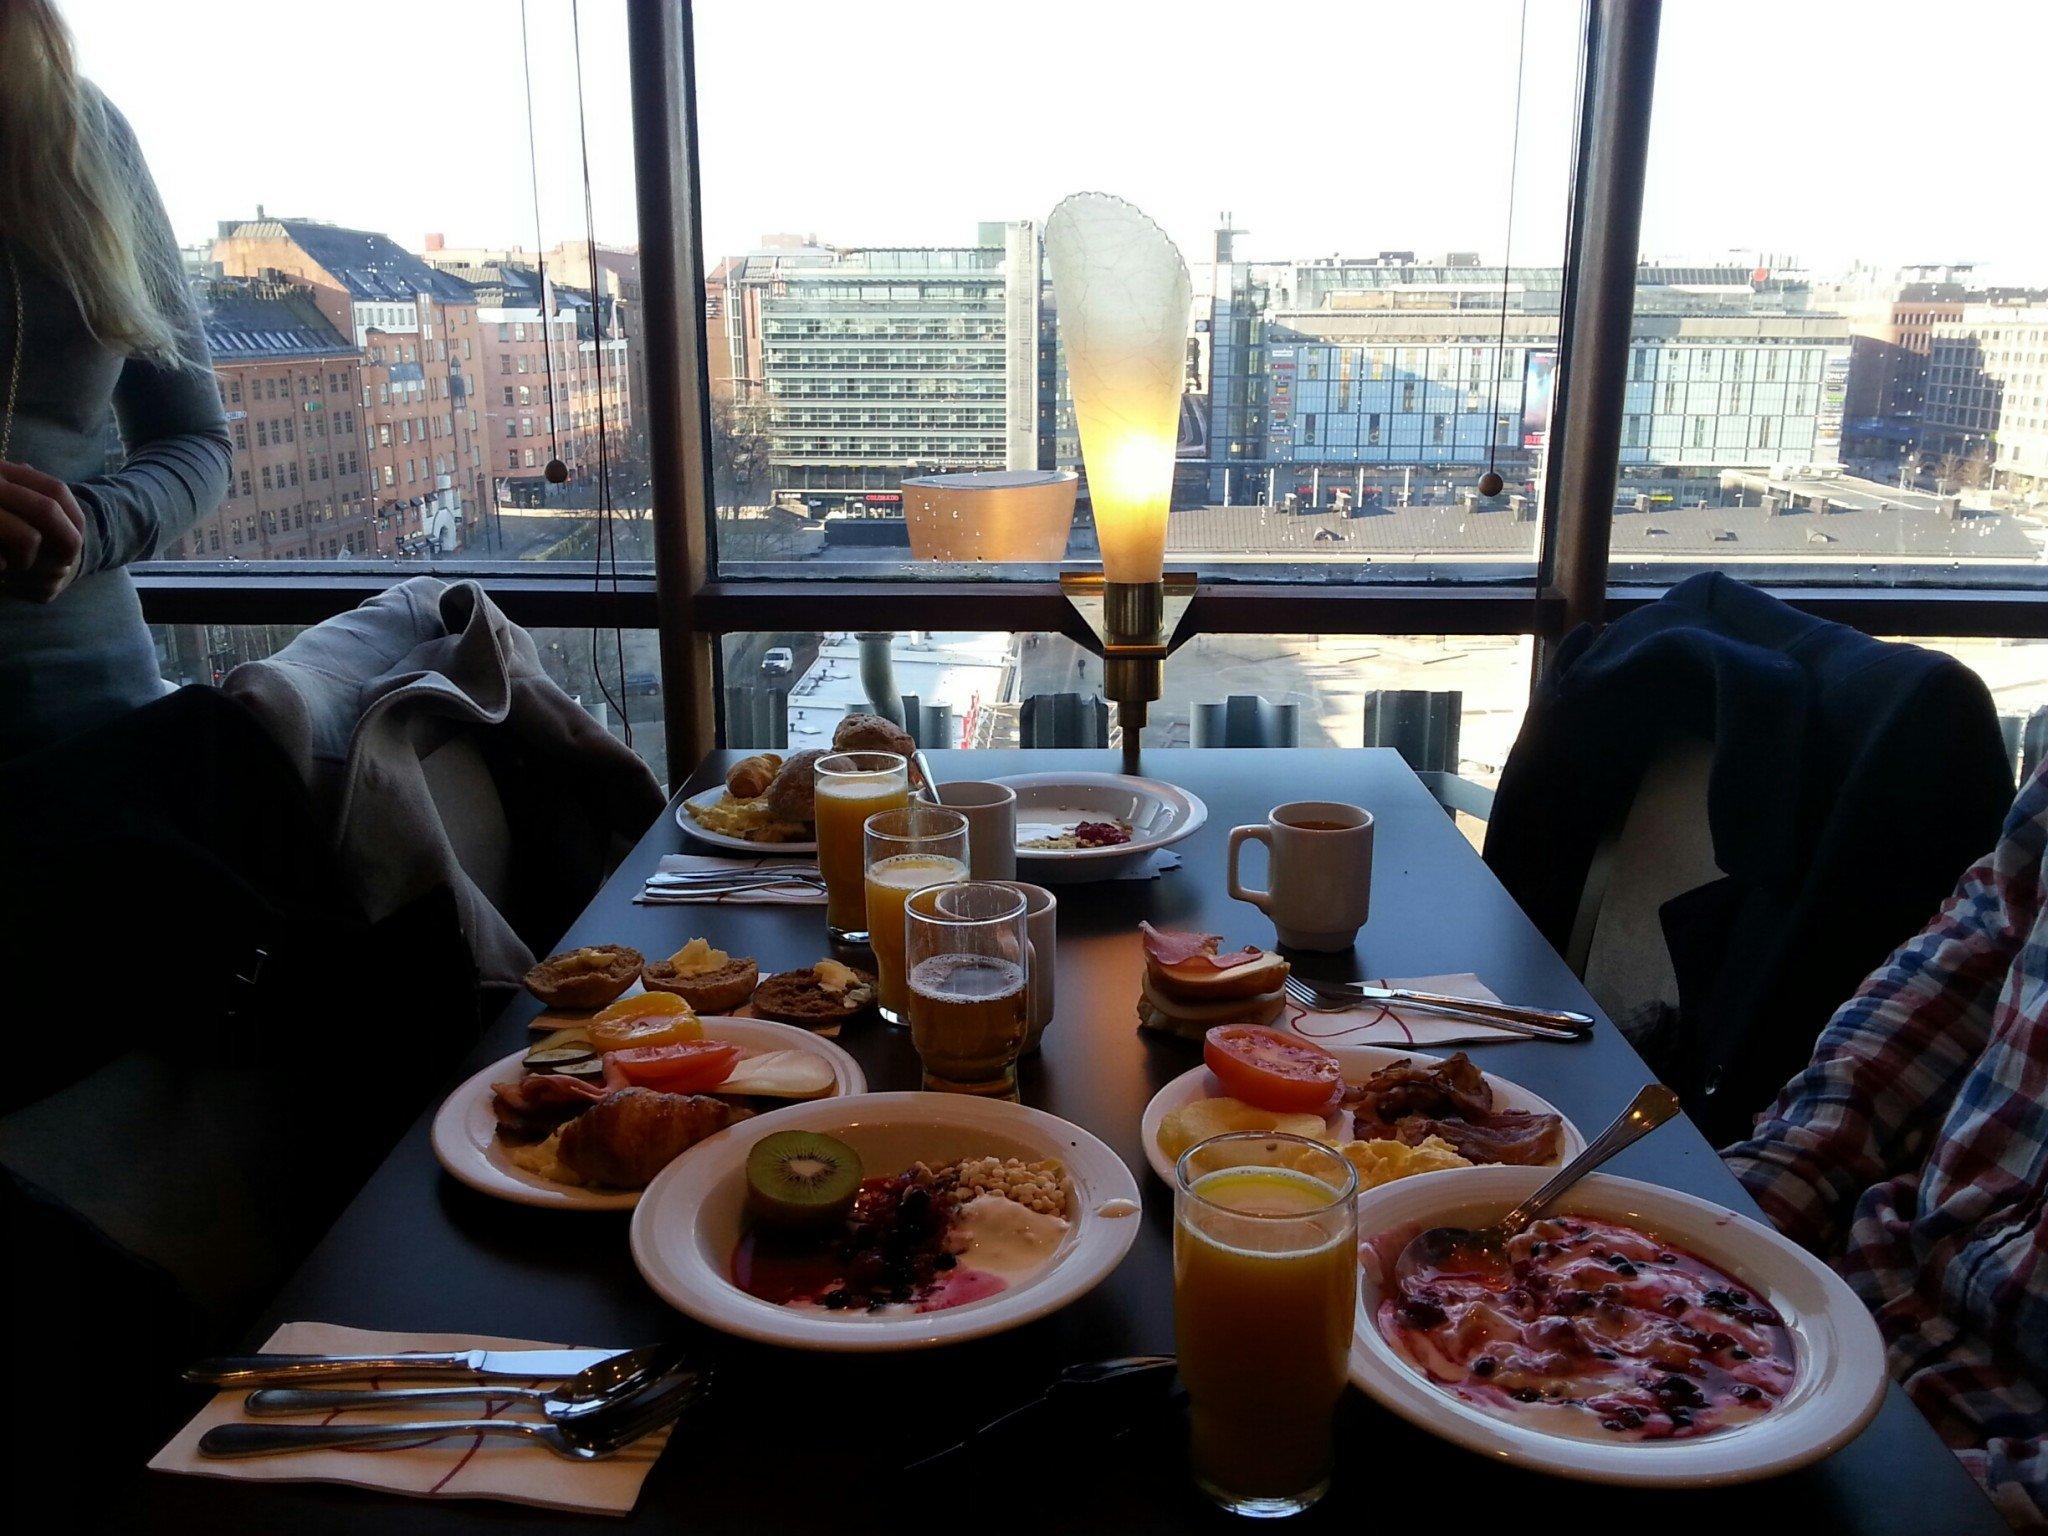 Hotelli Torni Helsinki Aamiainen Talo Kaunis Rakennuksen